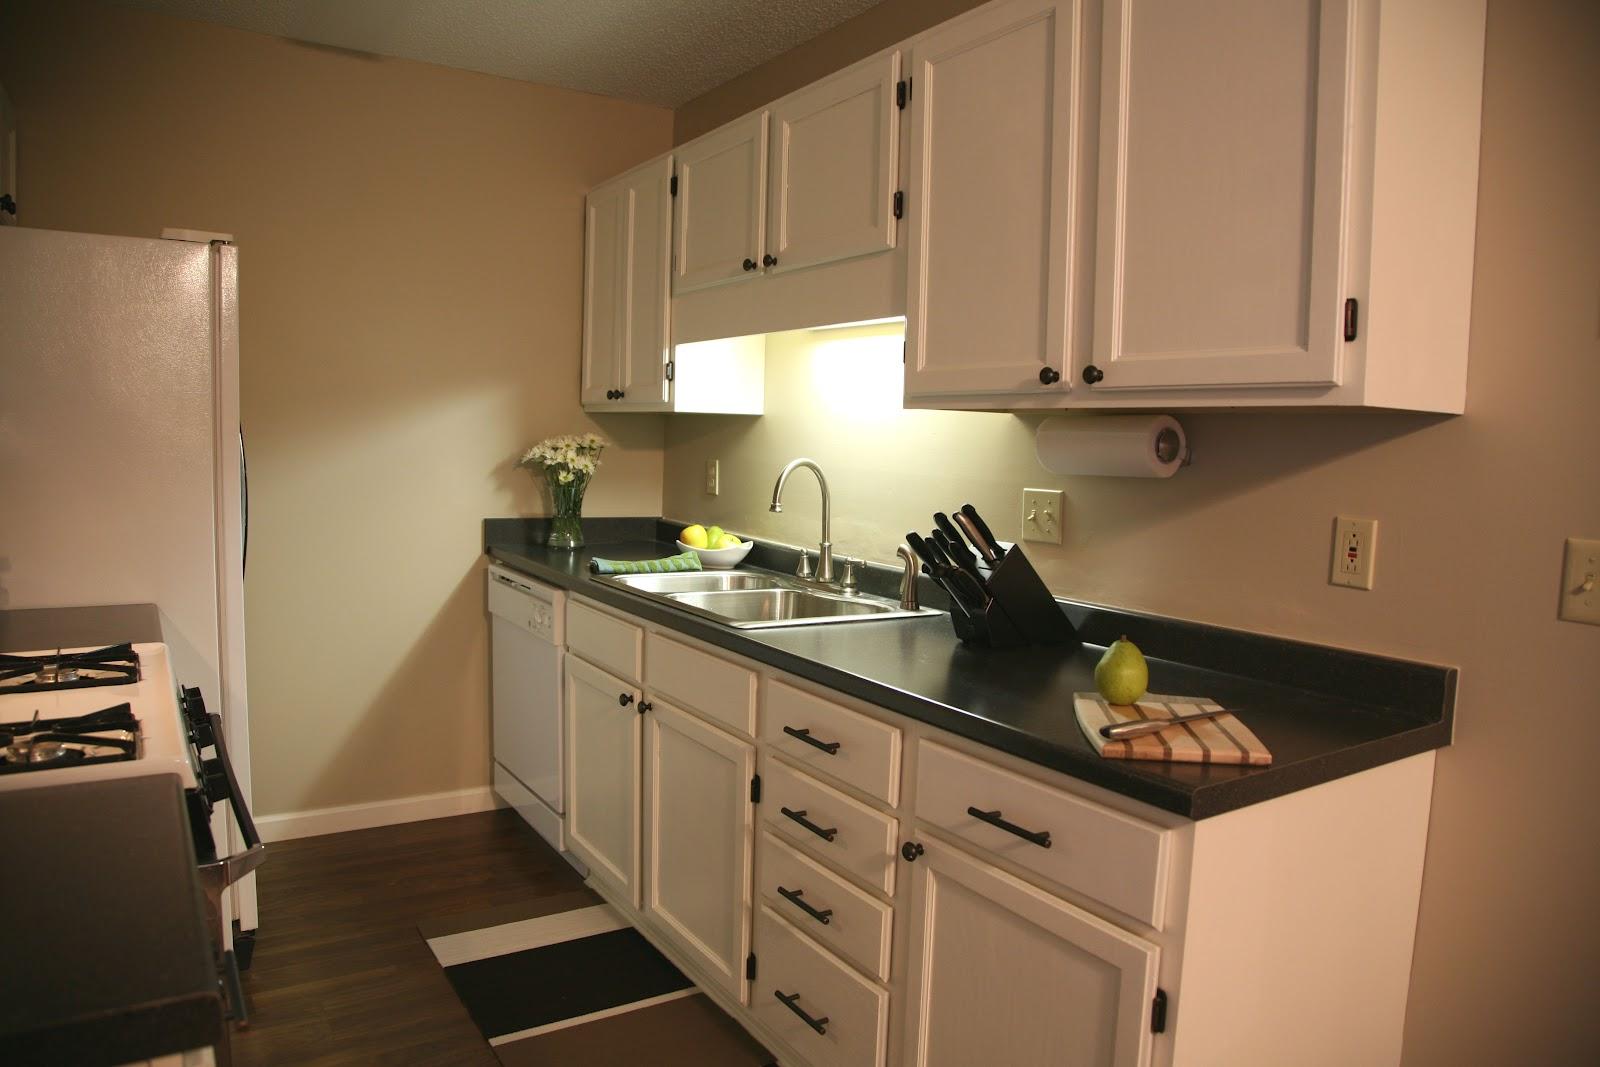 http://2.bp.blogspot.com/-DYWiAUTv5HM/T6IJdbm_ahI/AAAAAAAAAB8/rmBC20obyGY/s1600/Kitchen_3.jpg